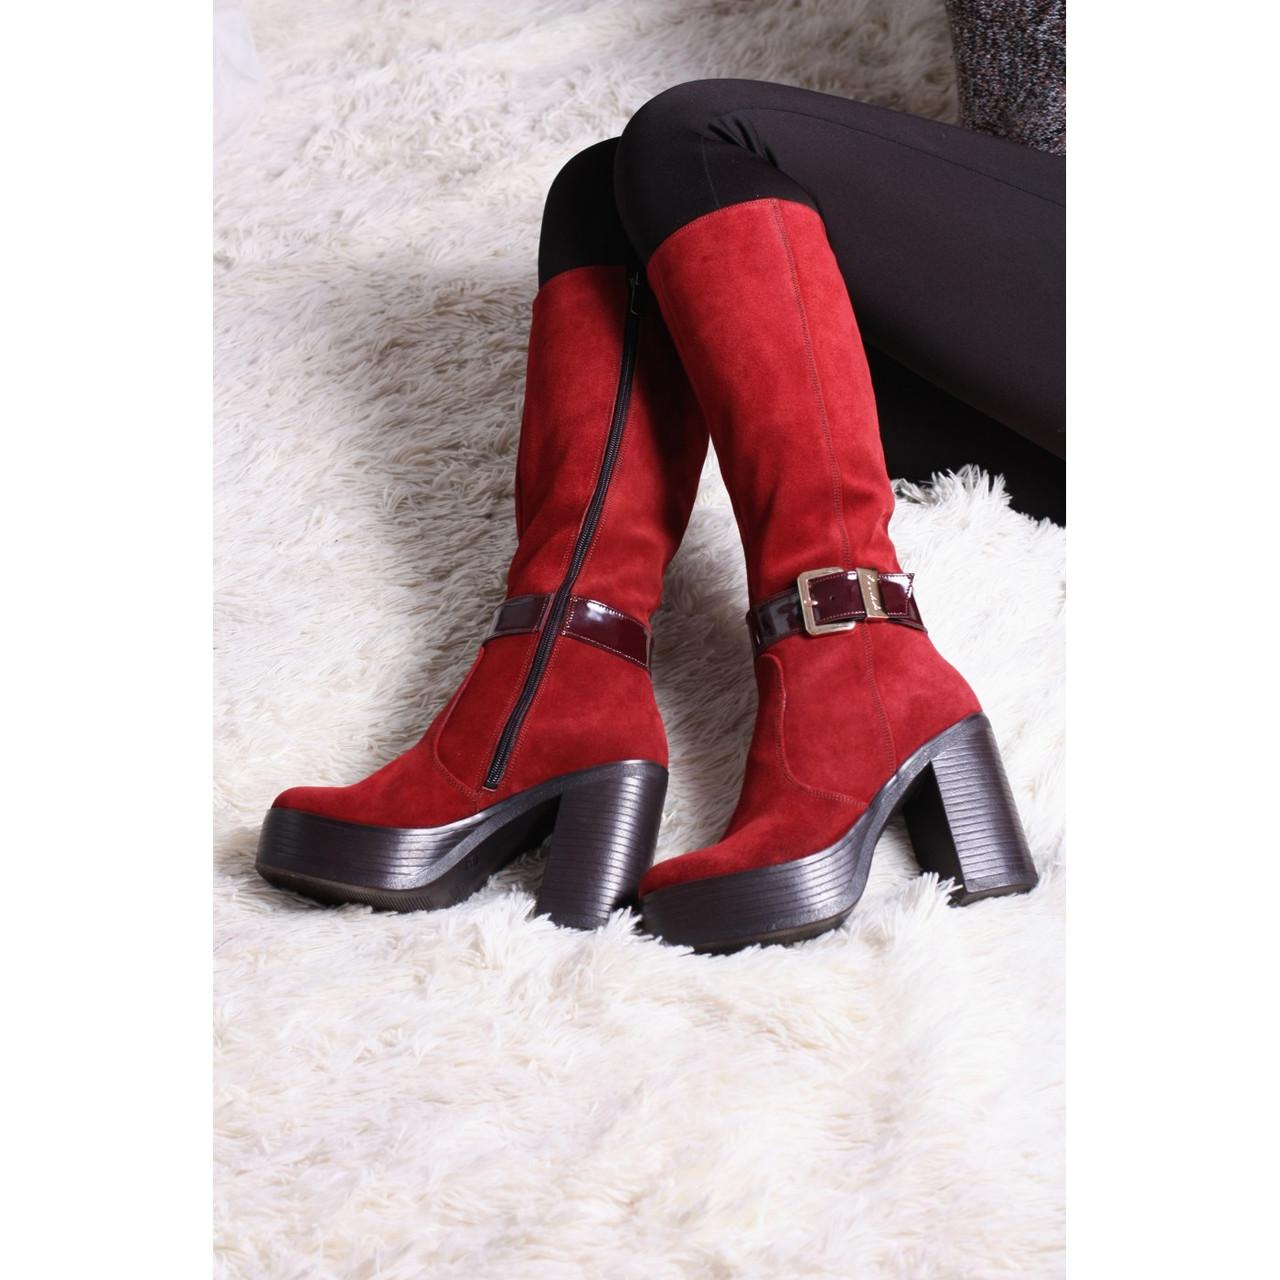 Замшеві жіночі чоботи на підборах, демісезонні бордові чоботи